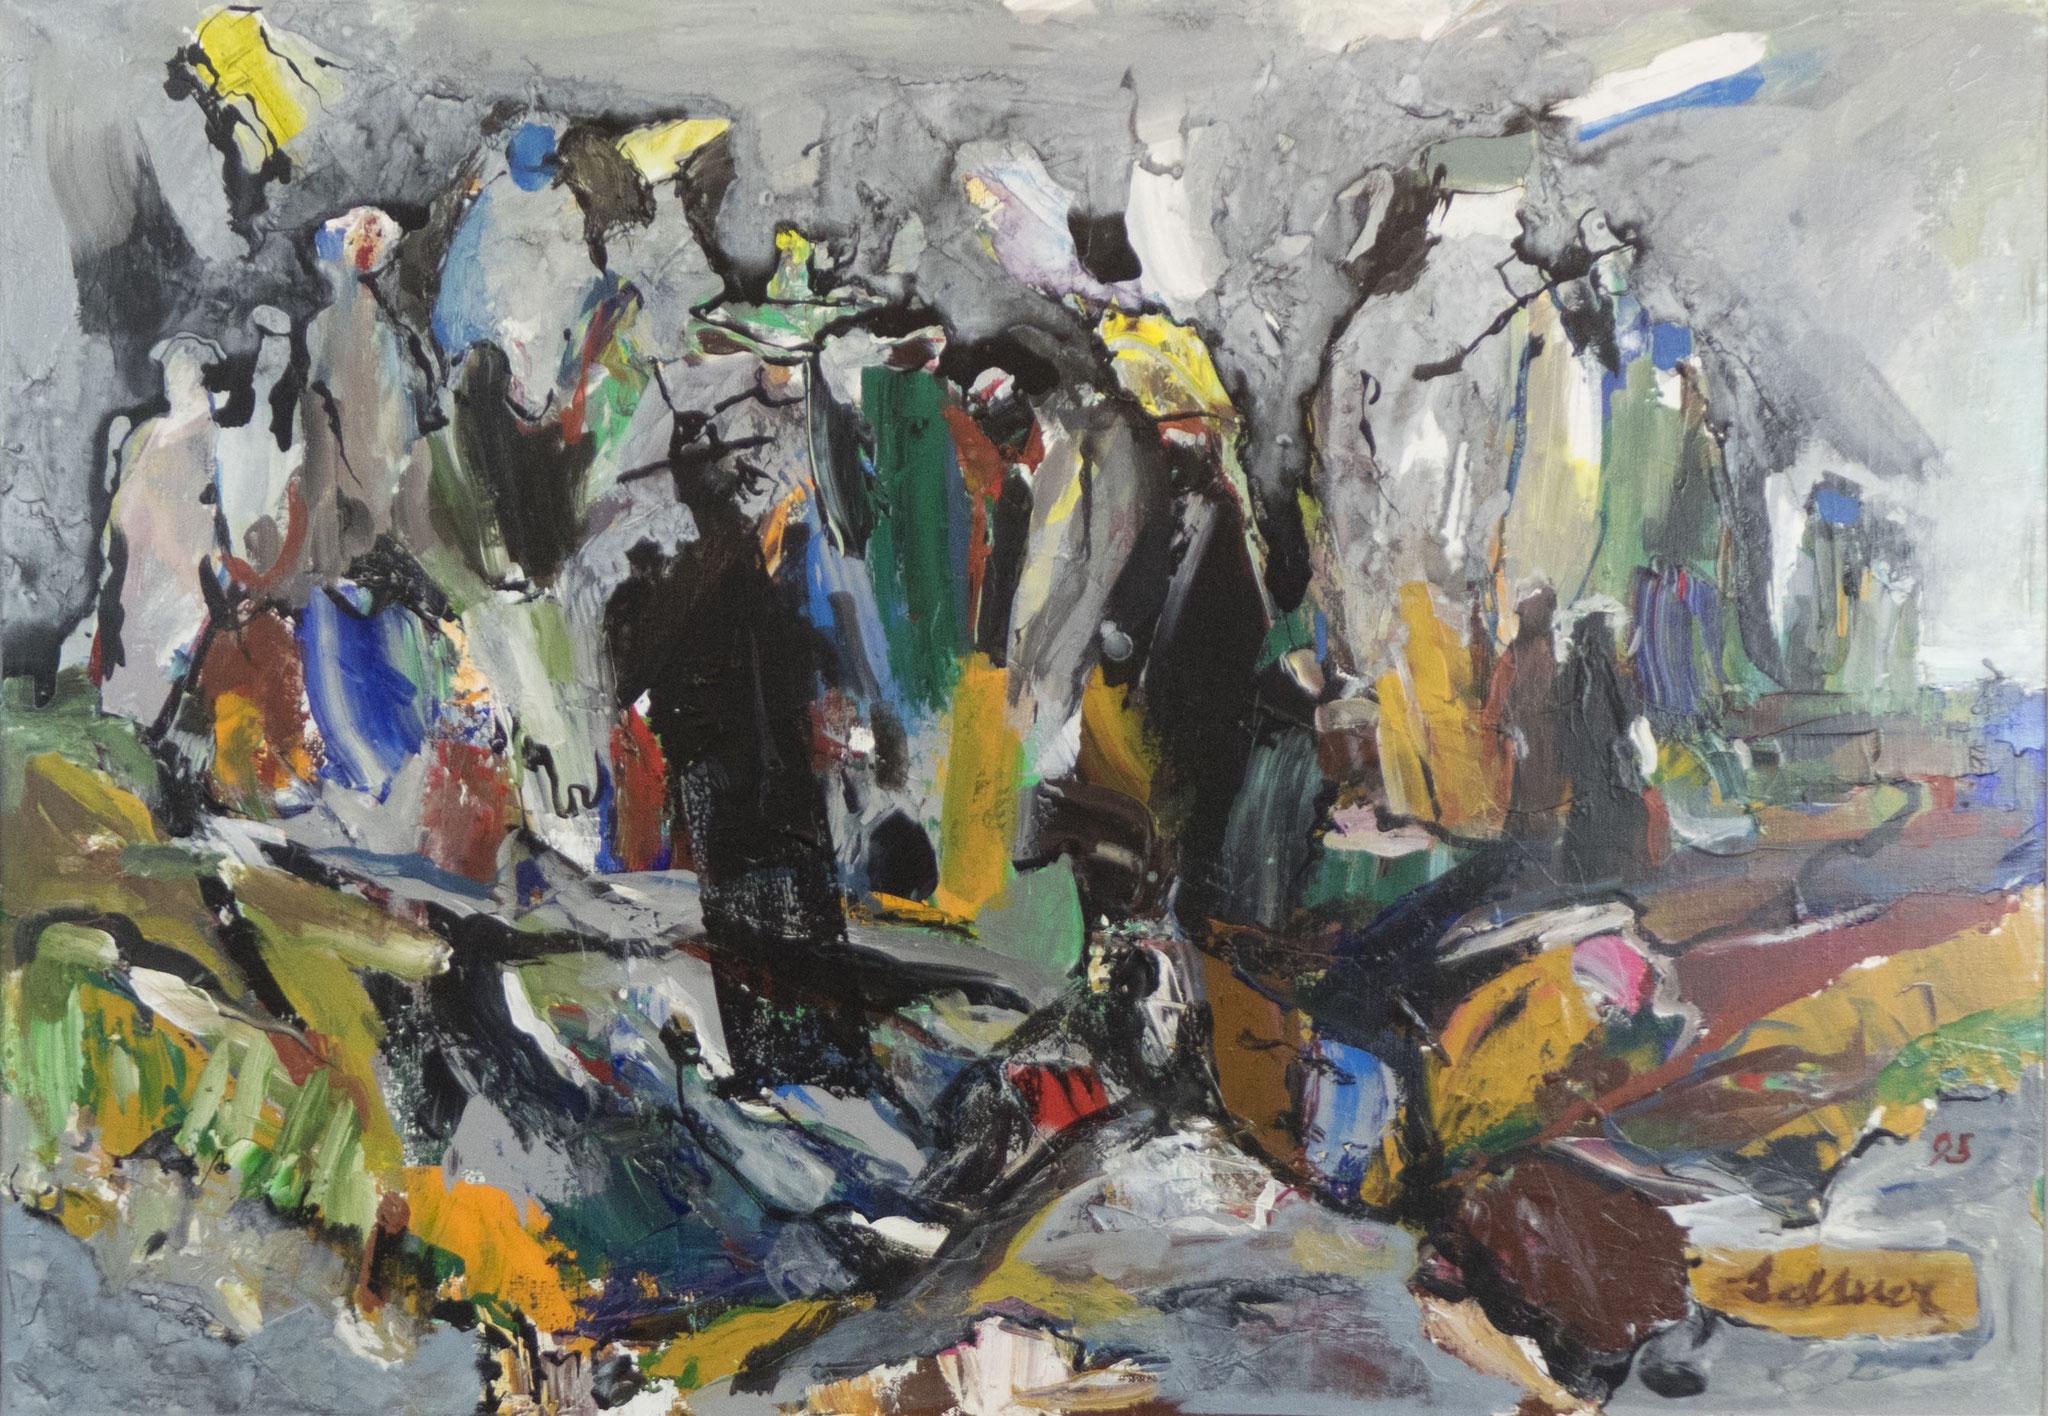 """""""Das Begräbnis eines Menschen mit gutem Herzen"""" 1995 - Acryl auf Leinwand - 100x70 cm"""